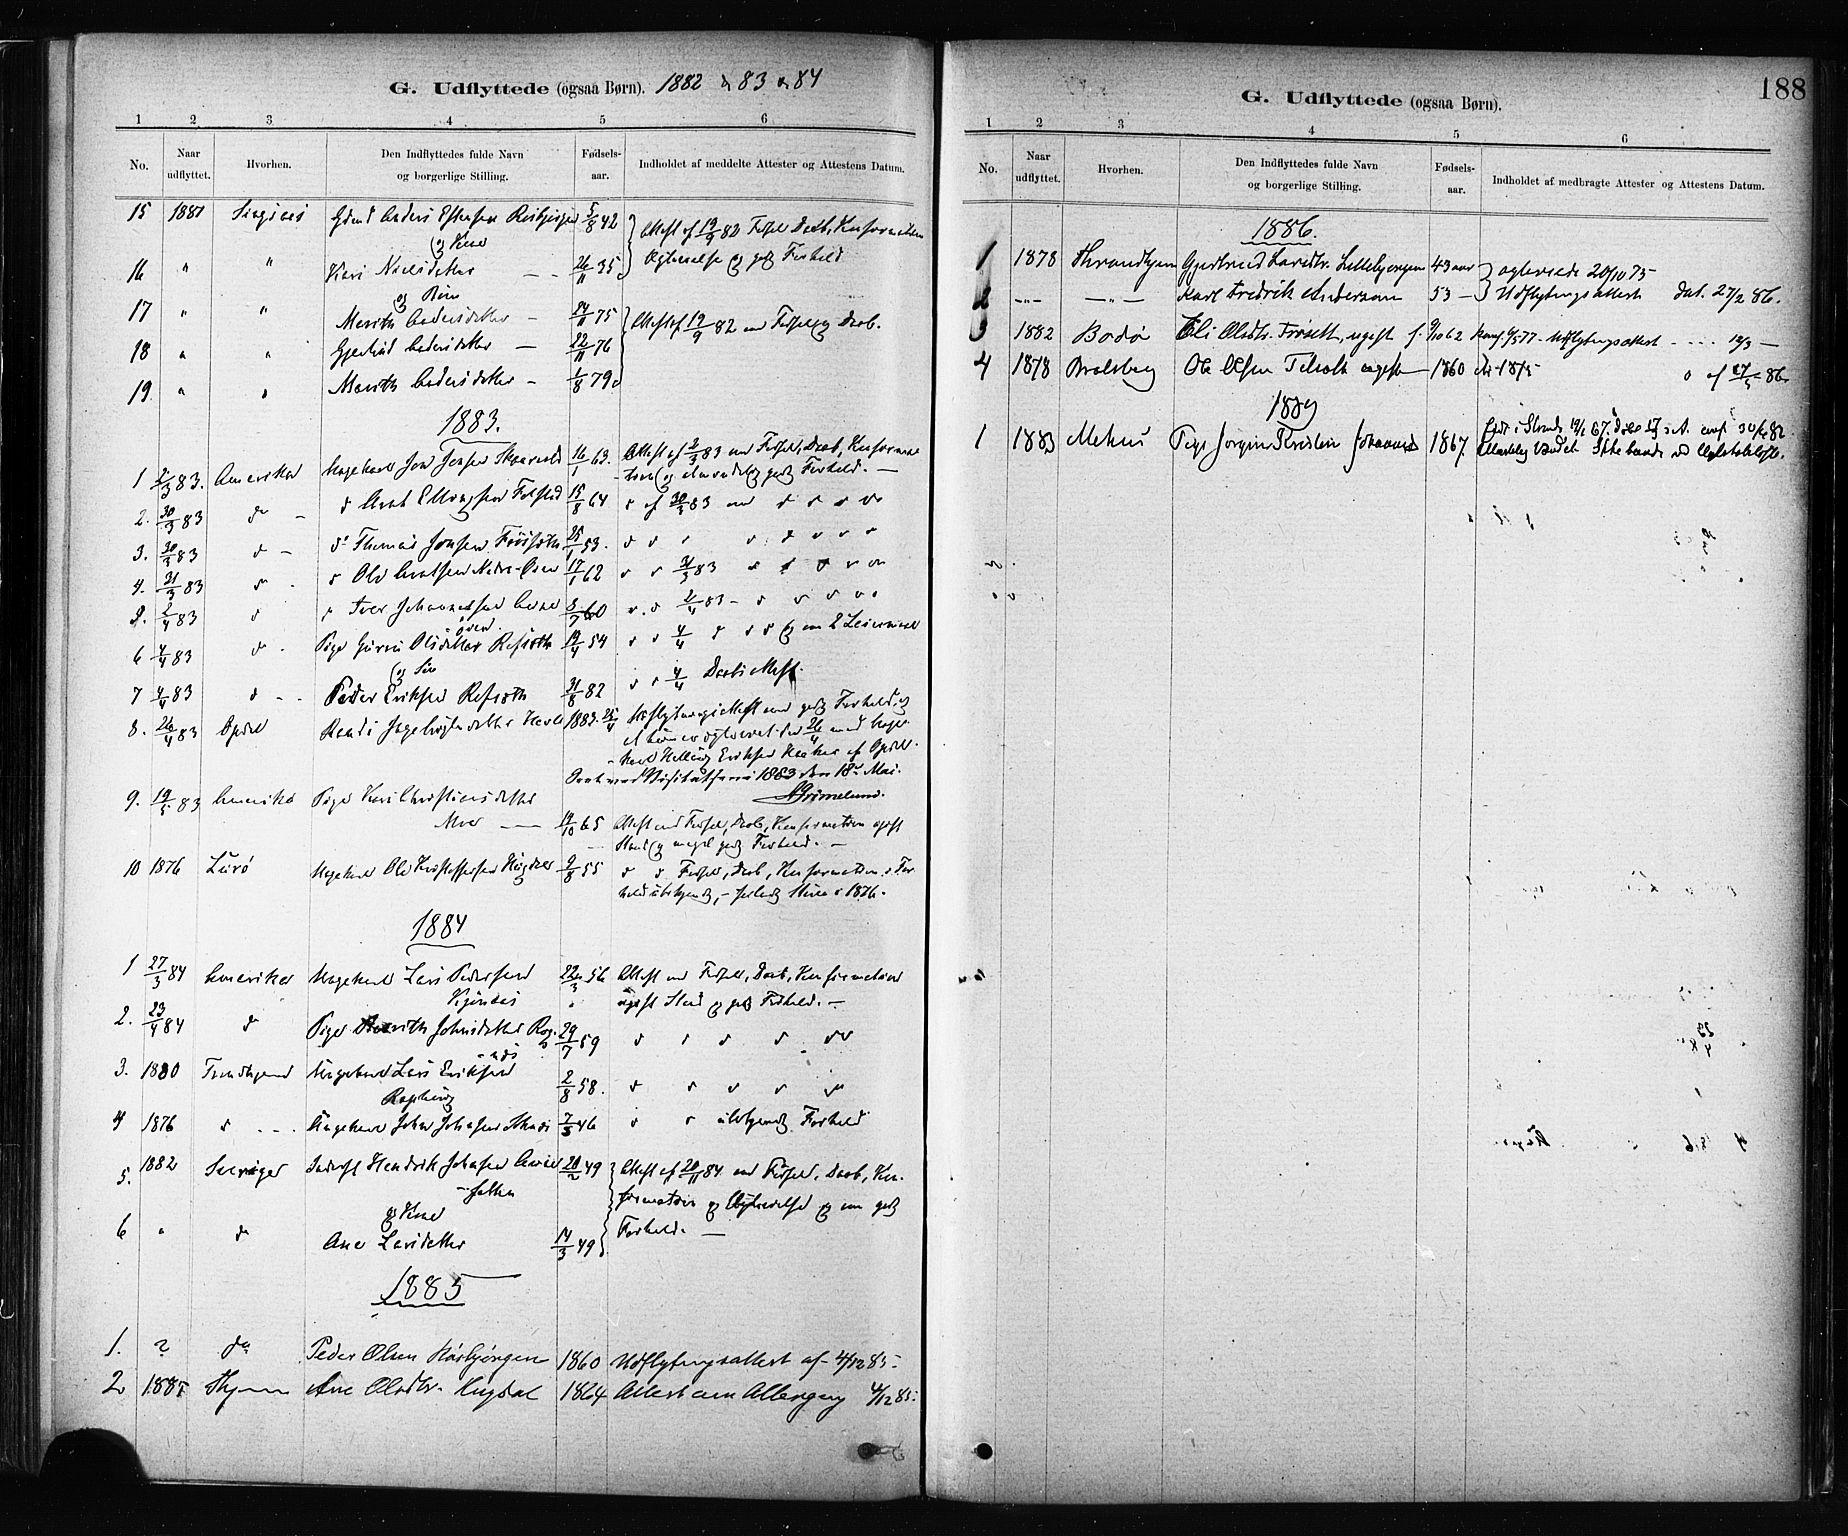 SAT, Ministerialprotokoller, klokkerbøker og fødselsregistre - Sør-Trøndelag, 687/L1002: Ministerialbok nr. 687A08, 1878-1890, s. 188